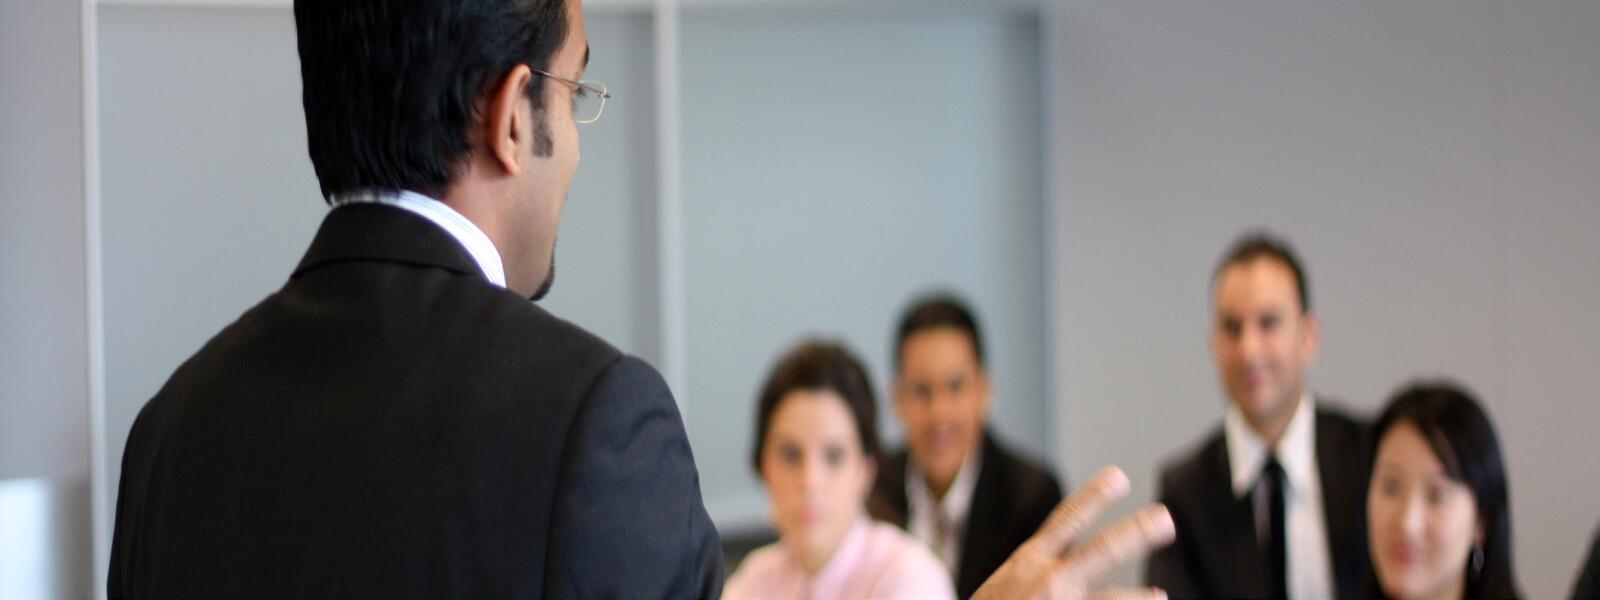 studyinholland-universitiesofappliedsciences-bachelor-financial services management- wittenborg-apeldoorn- holland.